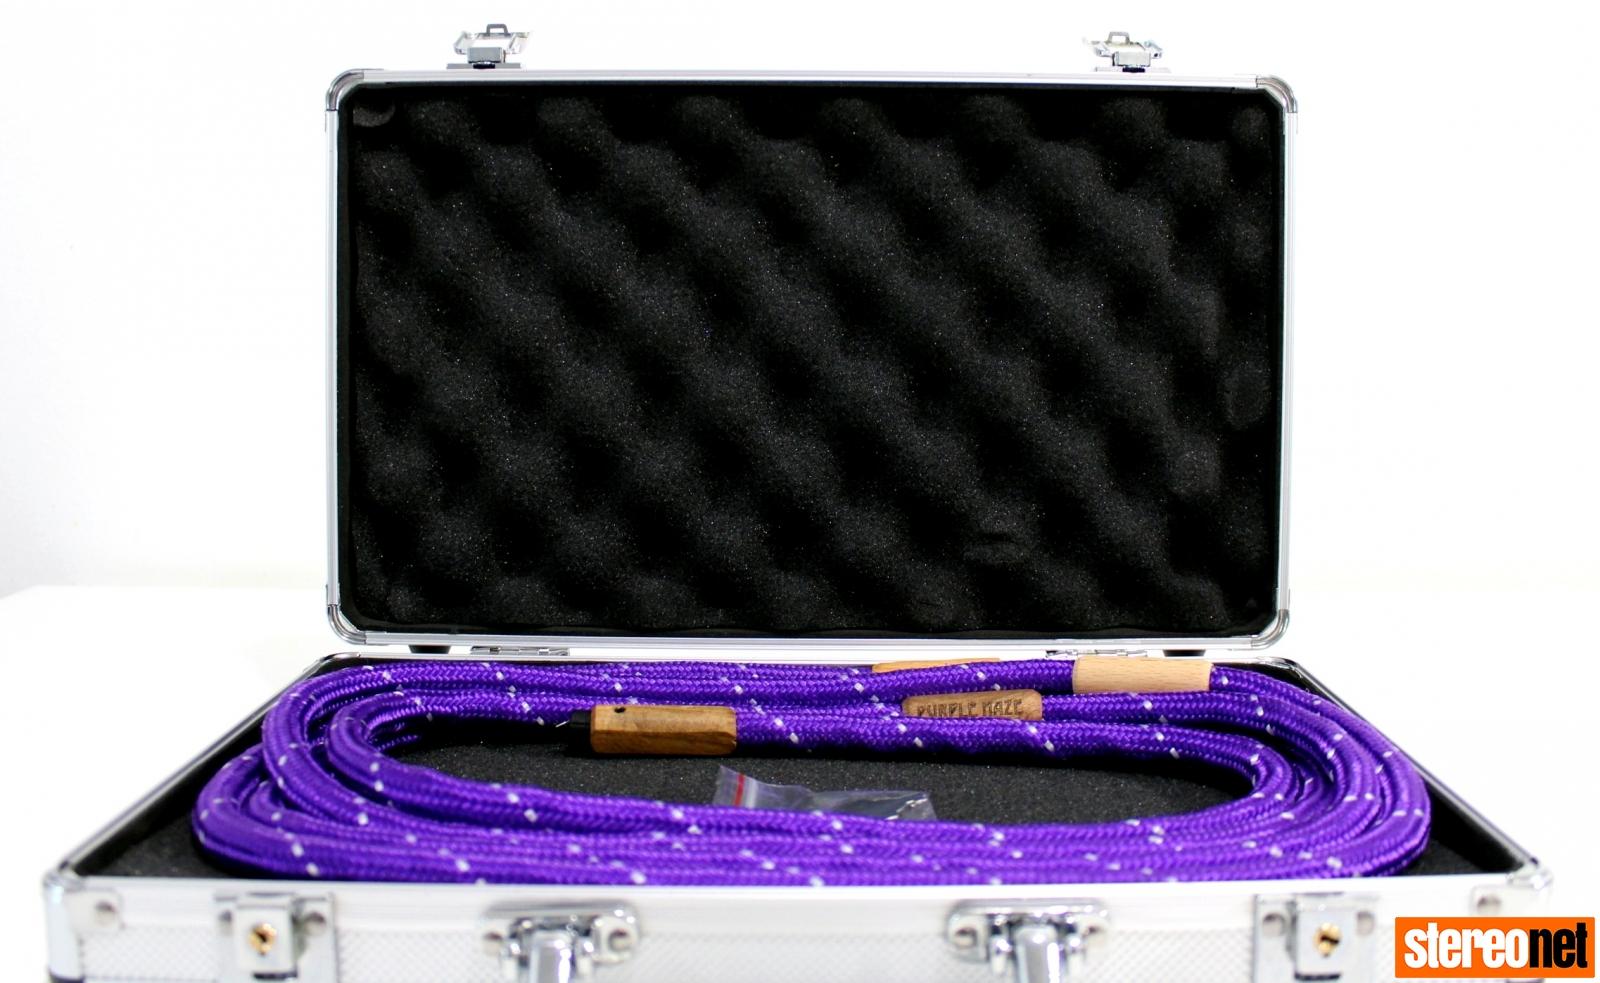 Gekko Cables Purple Haze review